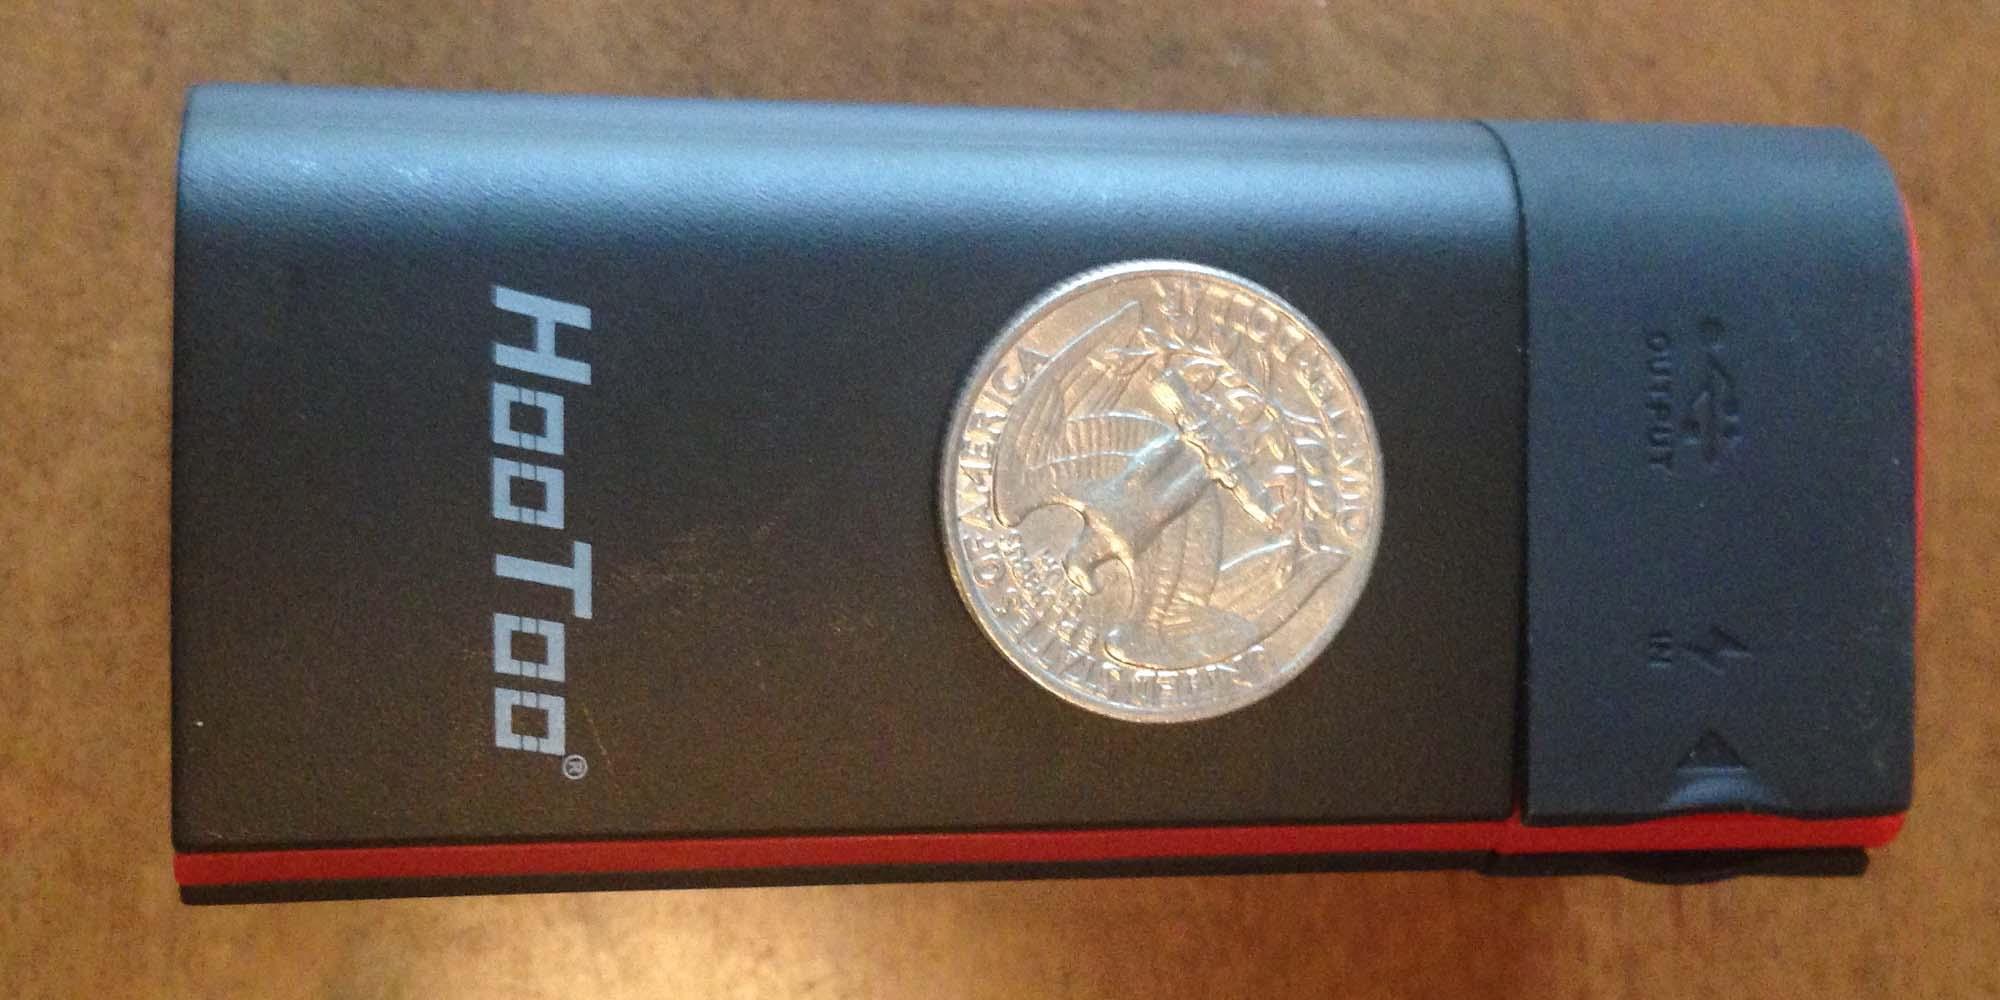 HooToo TM05 Cover